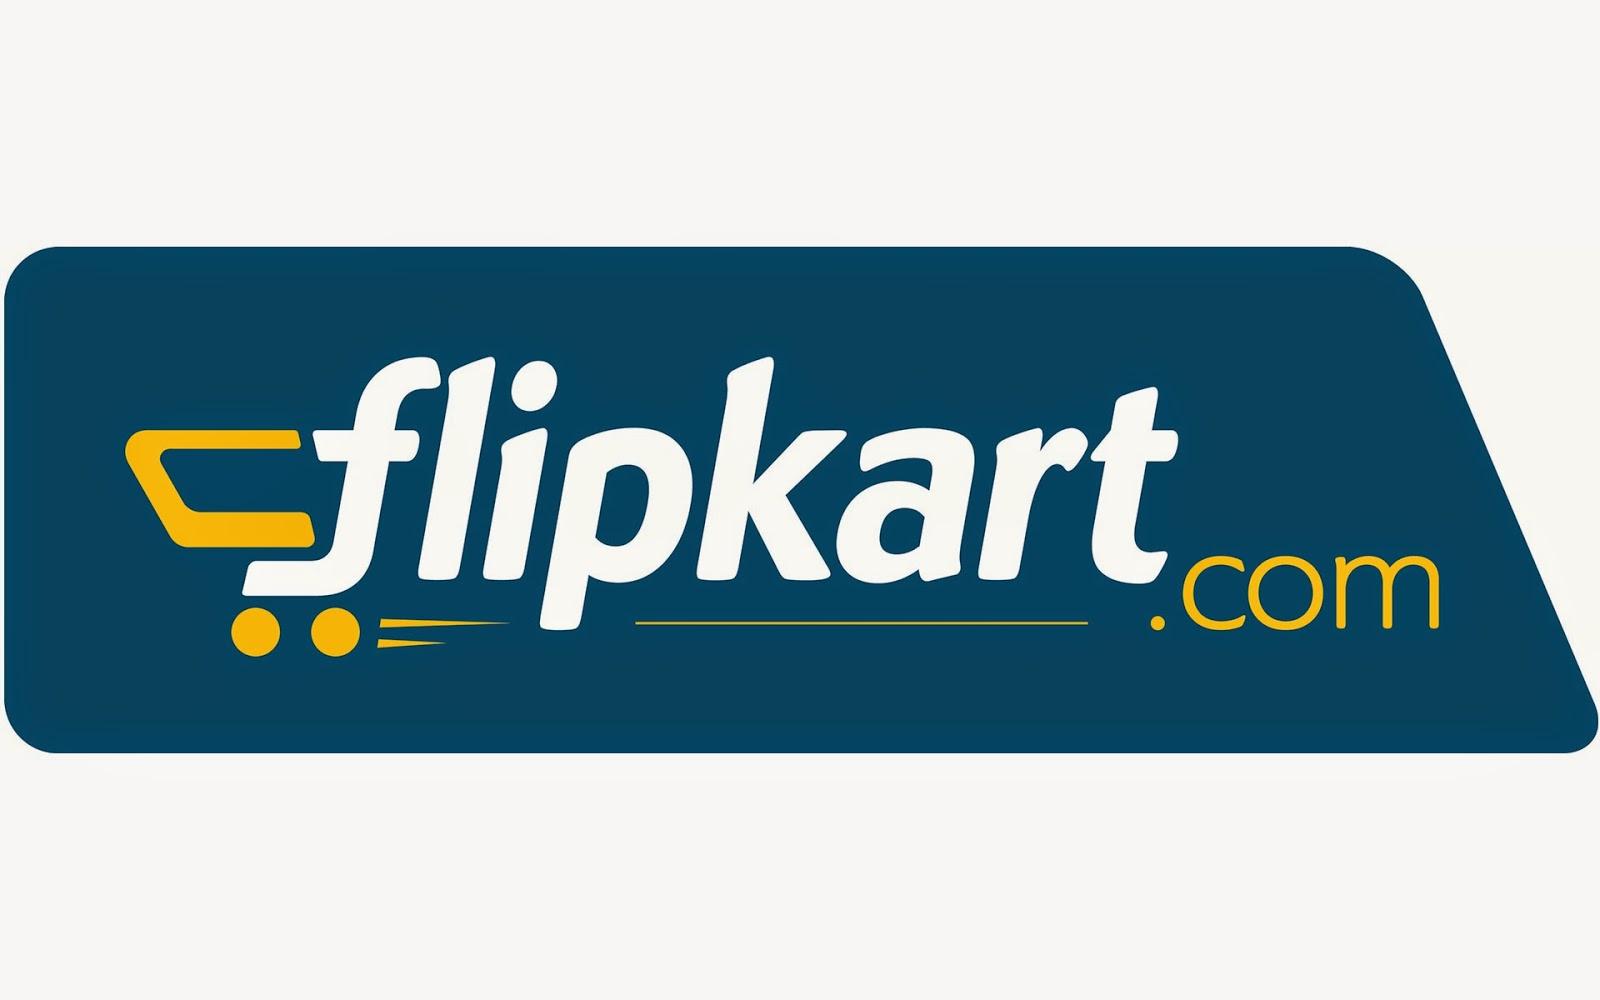 Flipkart Customer Care Number Delhi New